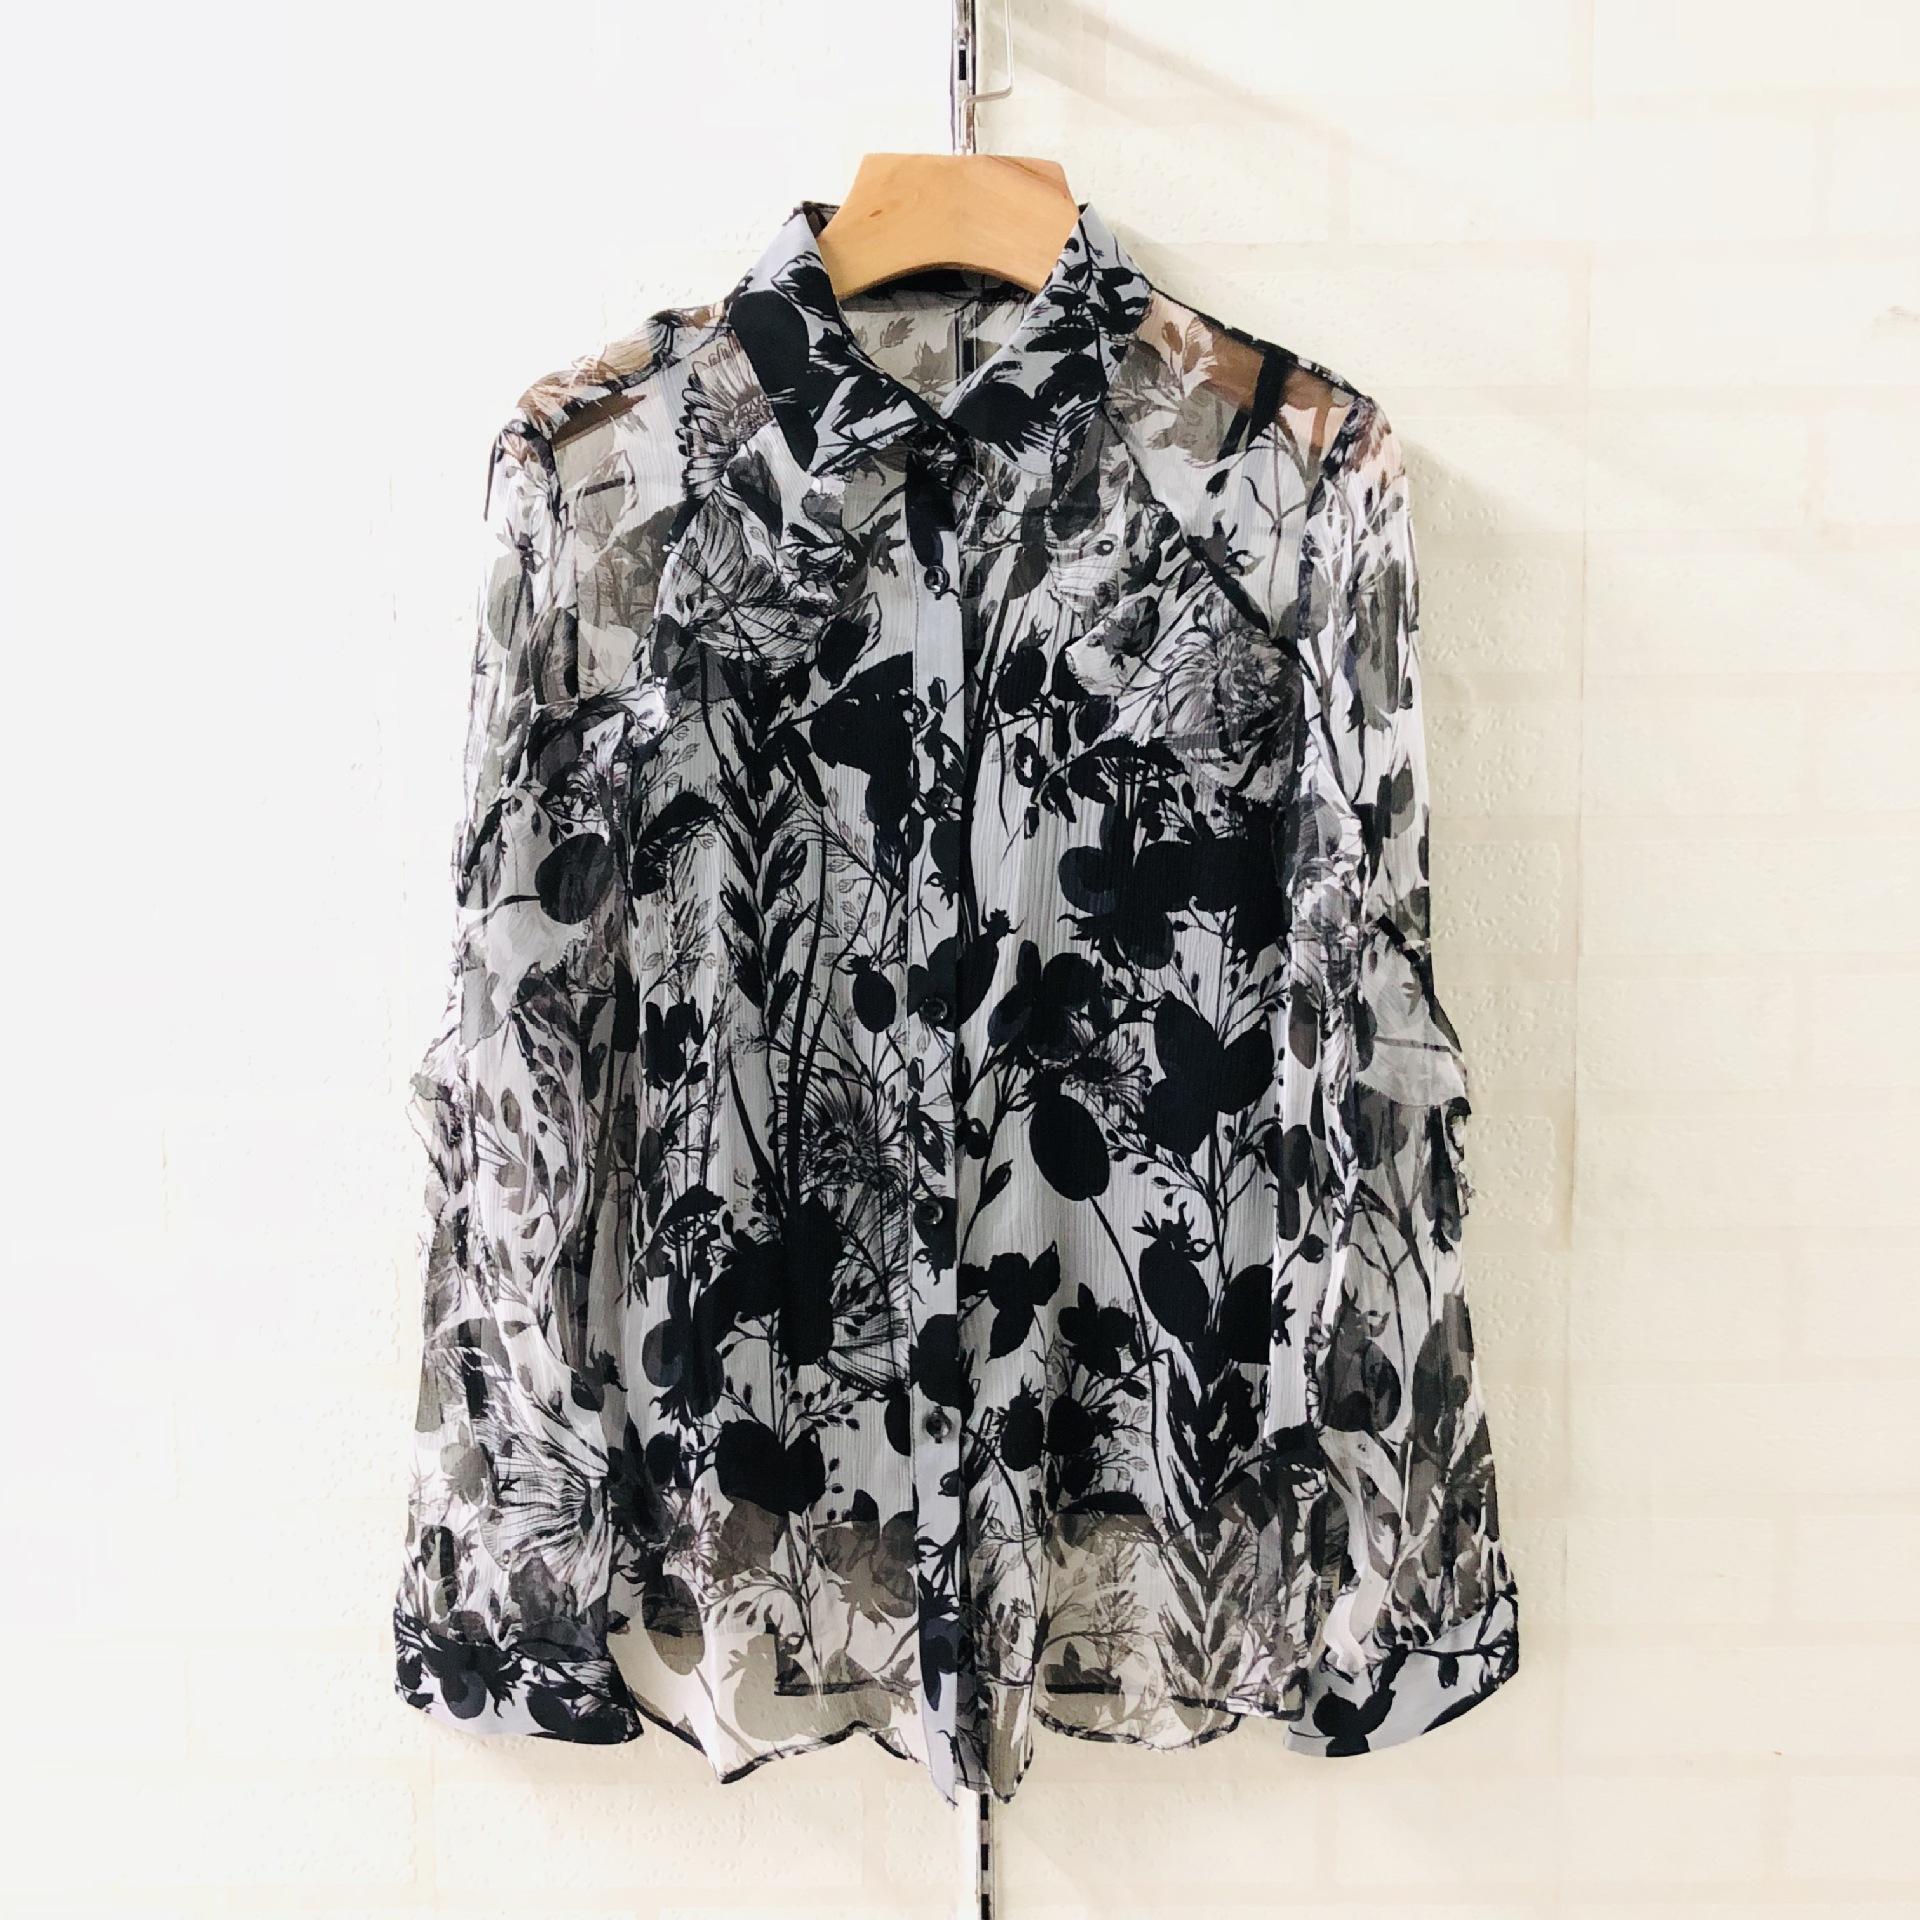 水墨画真丝衬衣长袖两件套女装南油原创设计尾单批发2019070600